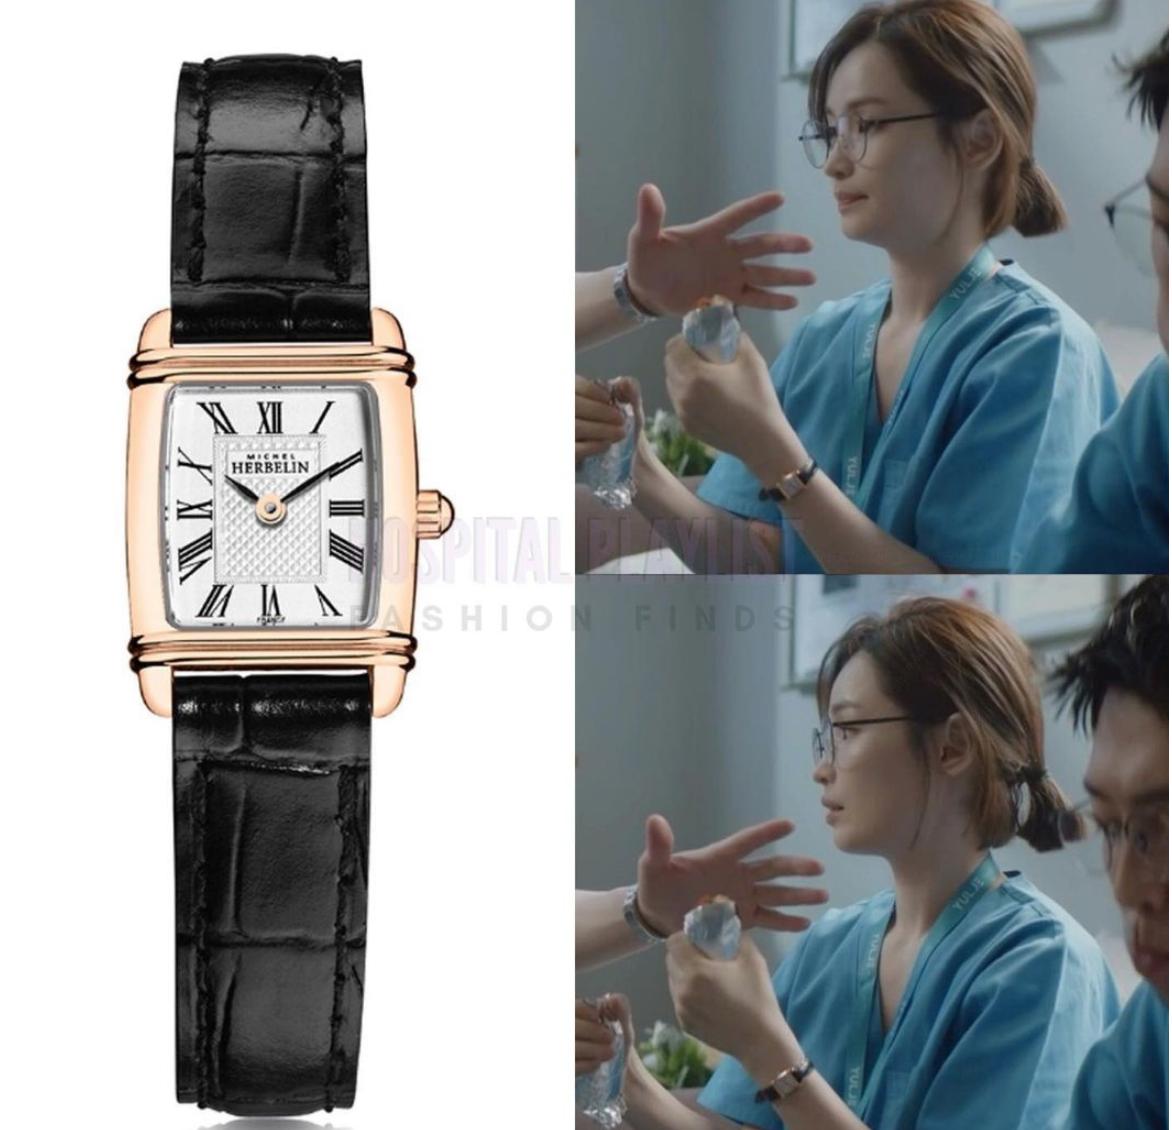 đồng hồ của nữ diên viên trong Hospital playlist phần 2